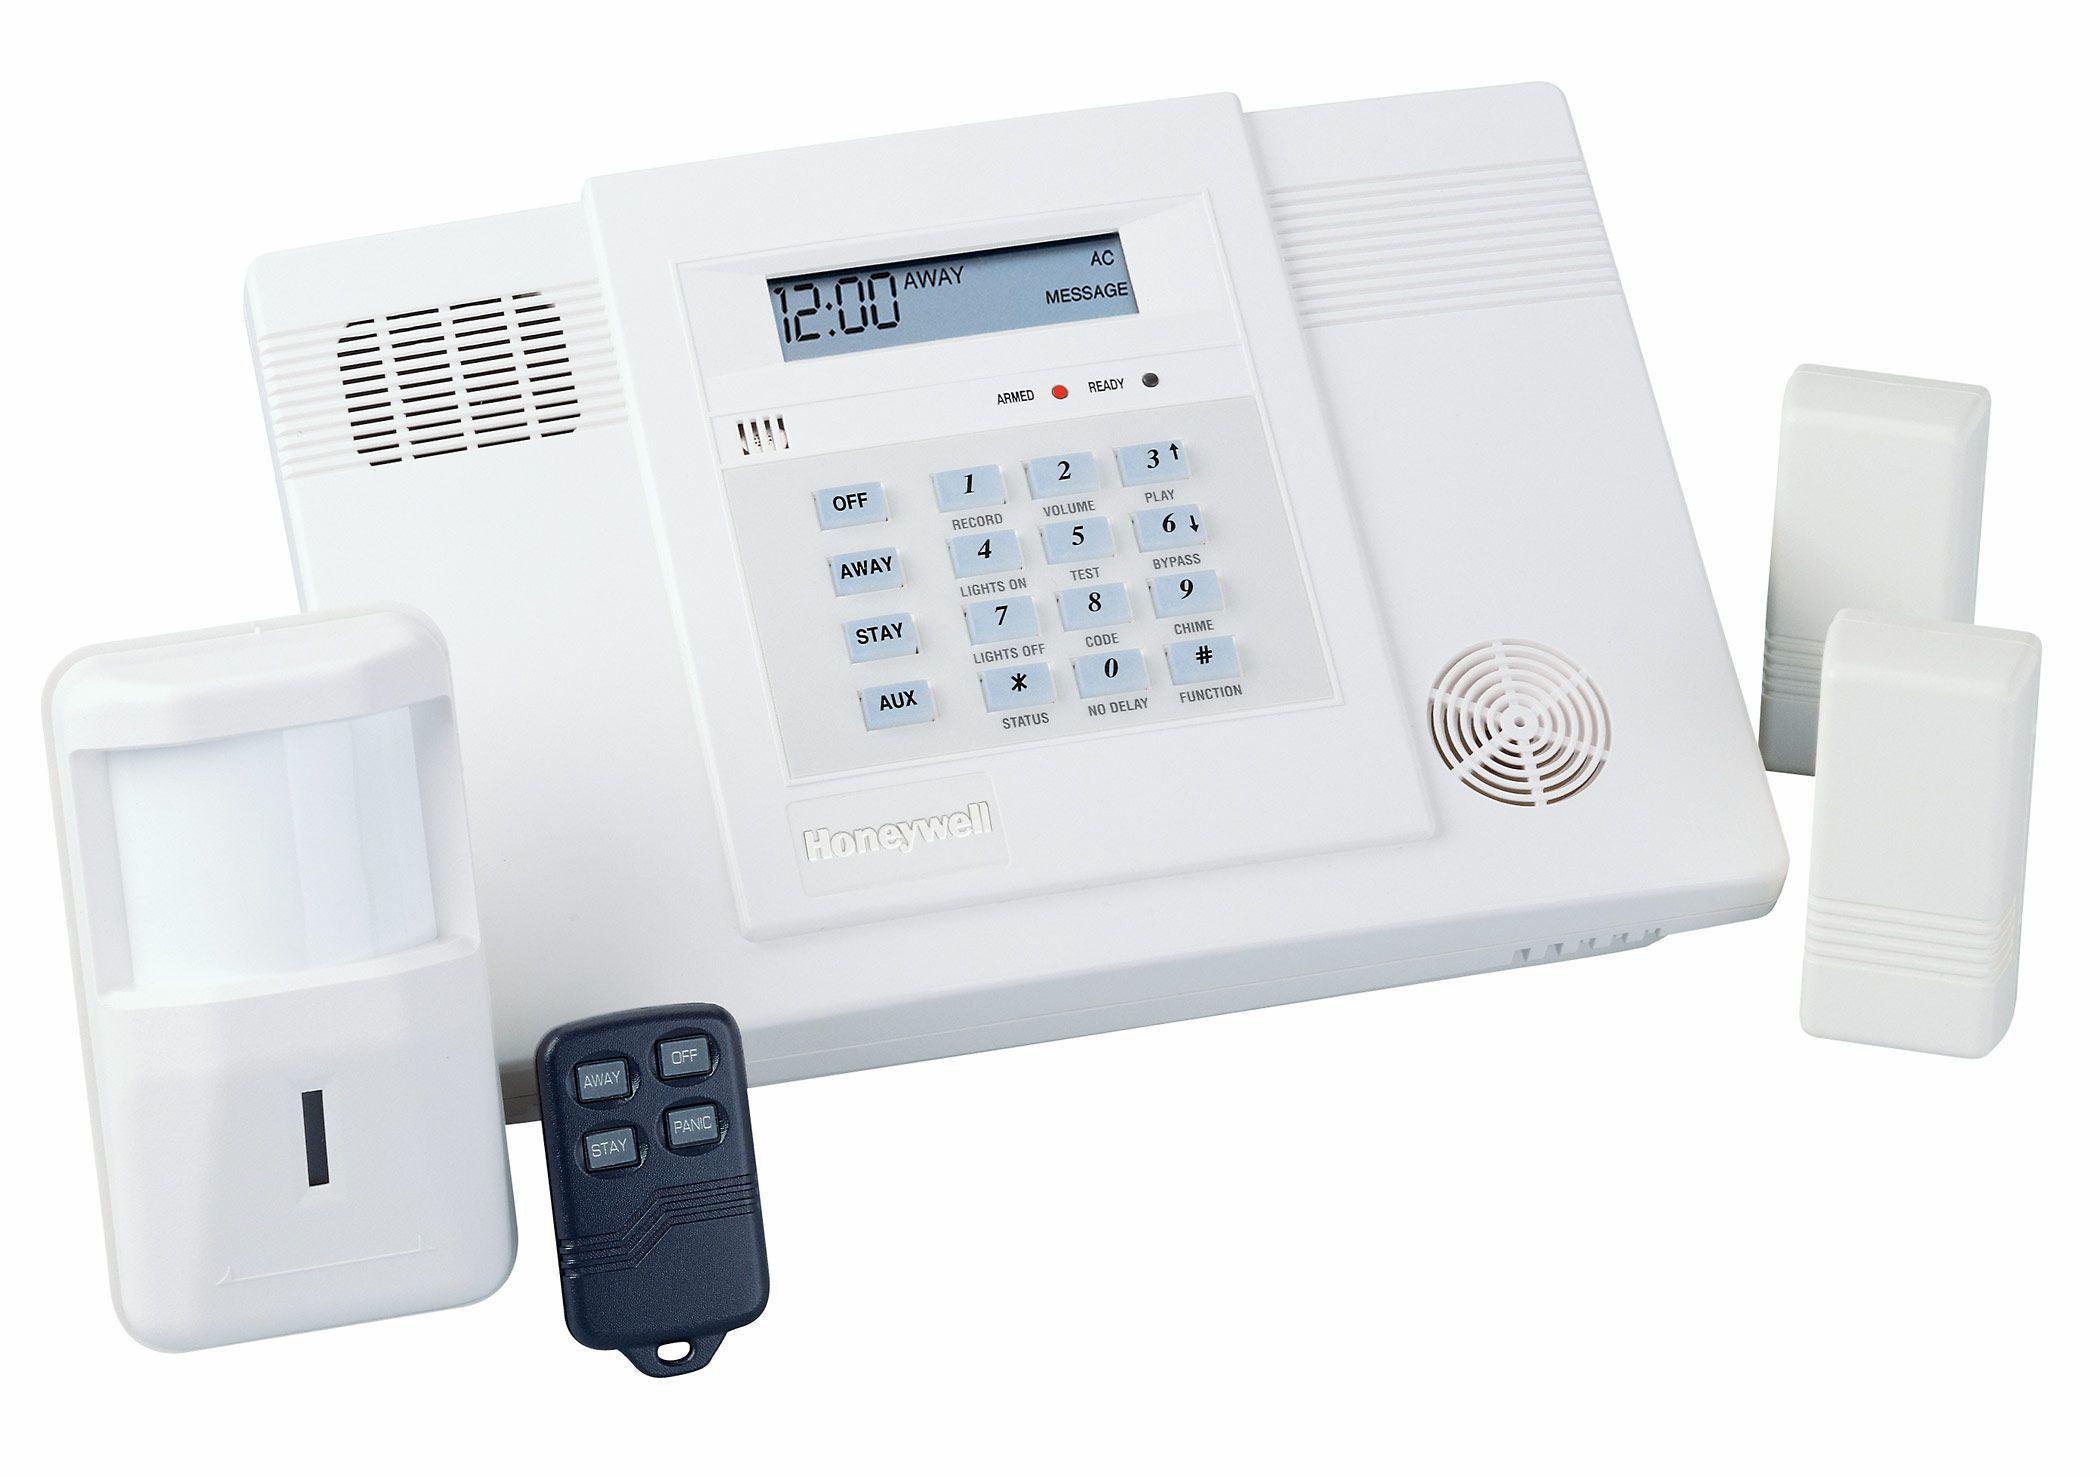 Honeywells L3000 control panel, 2 window/door contacts